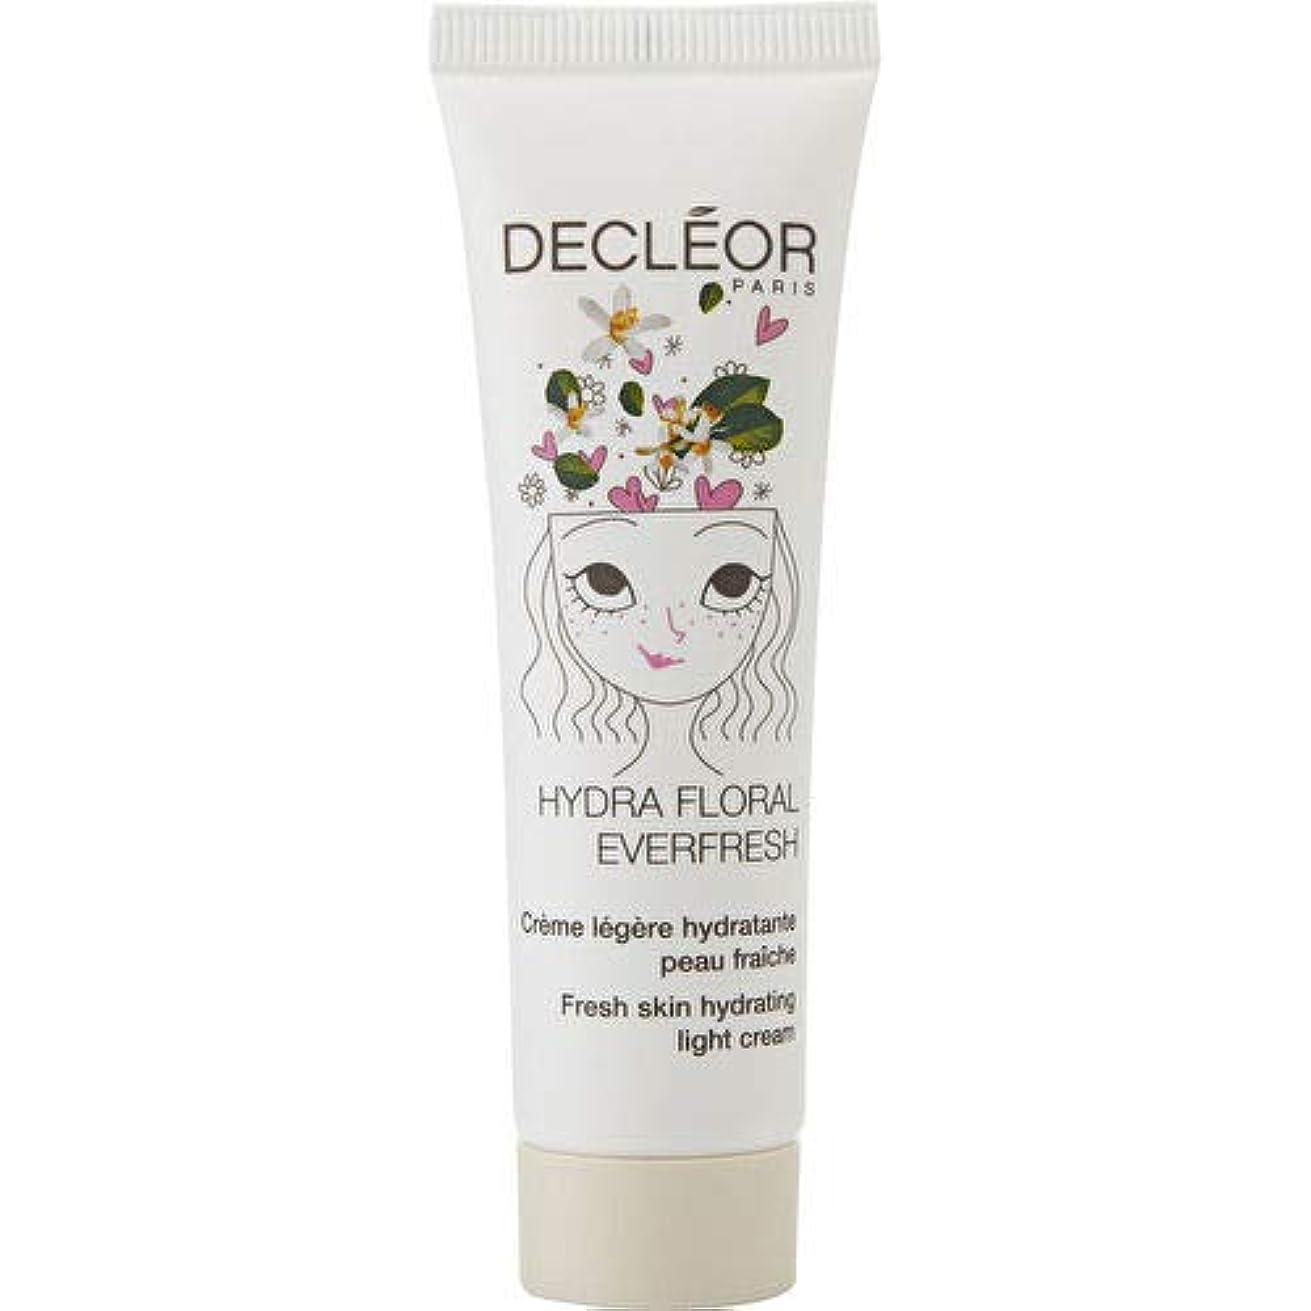 完了キャンパスメインデクレオール Hydra Floral Everfresh Fresh Skin Hydrating Light Cream - For Dehydrated Skin 30ml/1oz並行輸入品